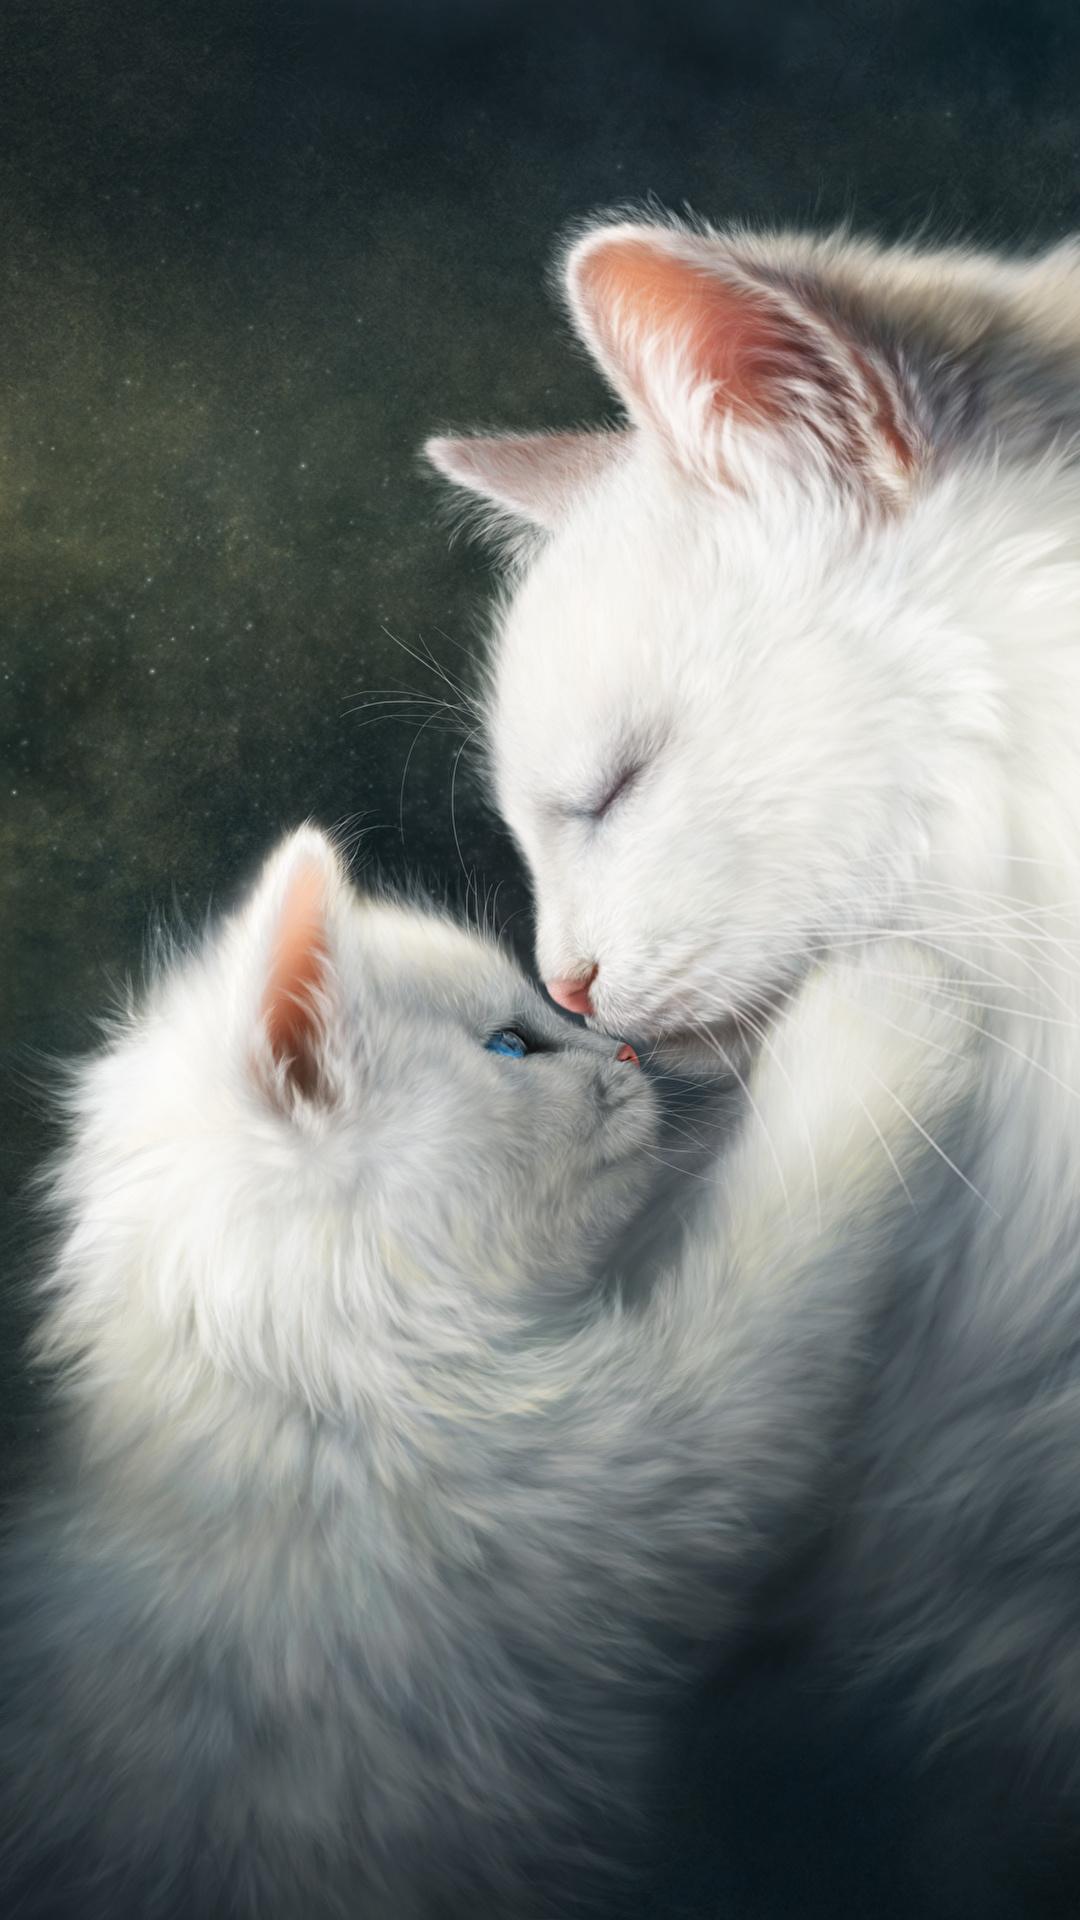 壁紙 1080x1920 飼い猫 描かれた壁紙 愛 2 二つ 子猫 白